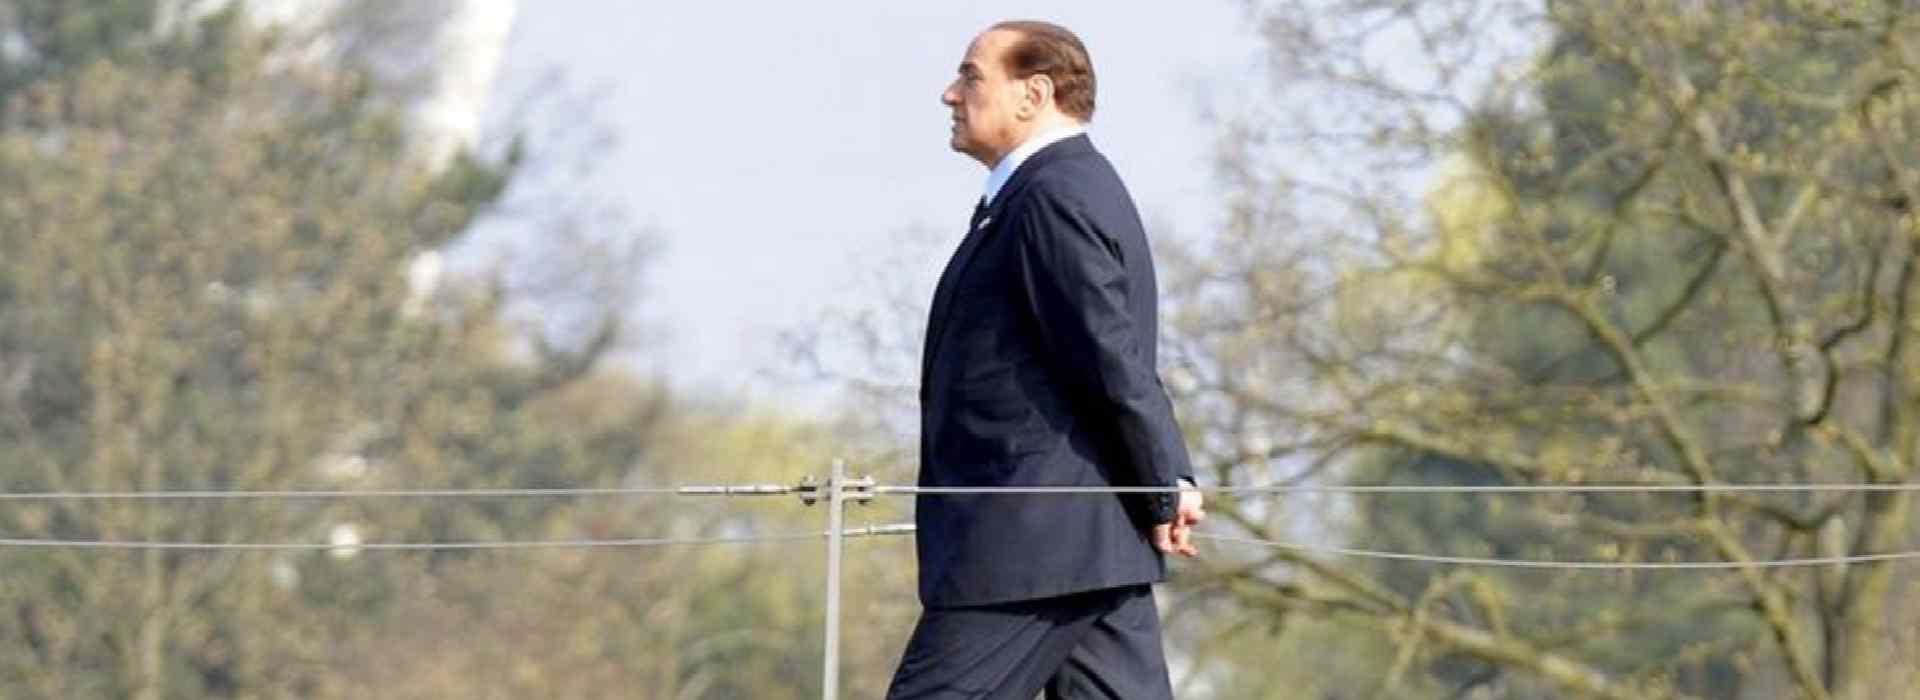 Berlusconi, i 36 processi e Letta che chiede la riforma della giustizia. Arriva la svolta